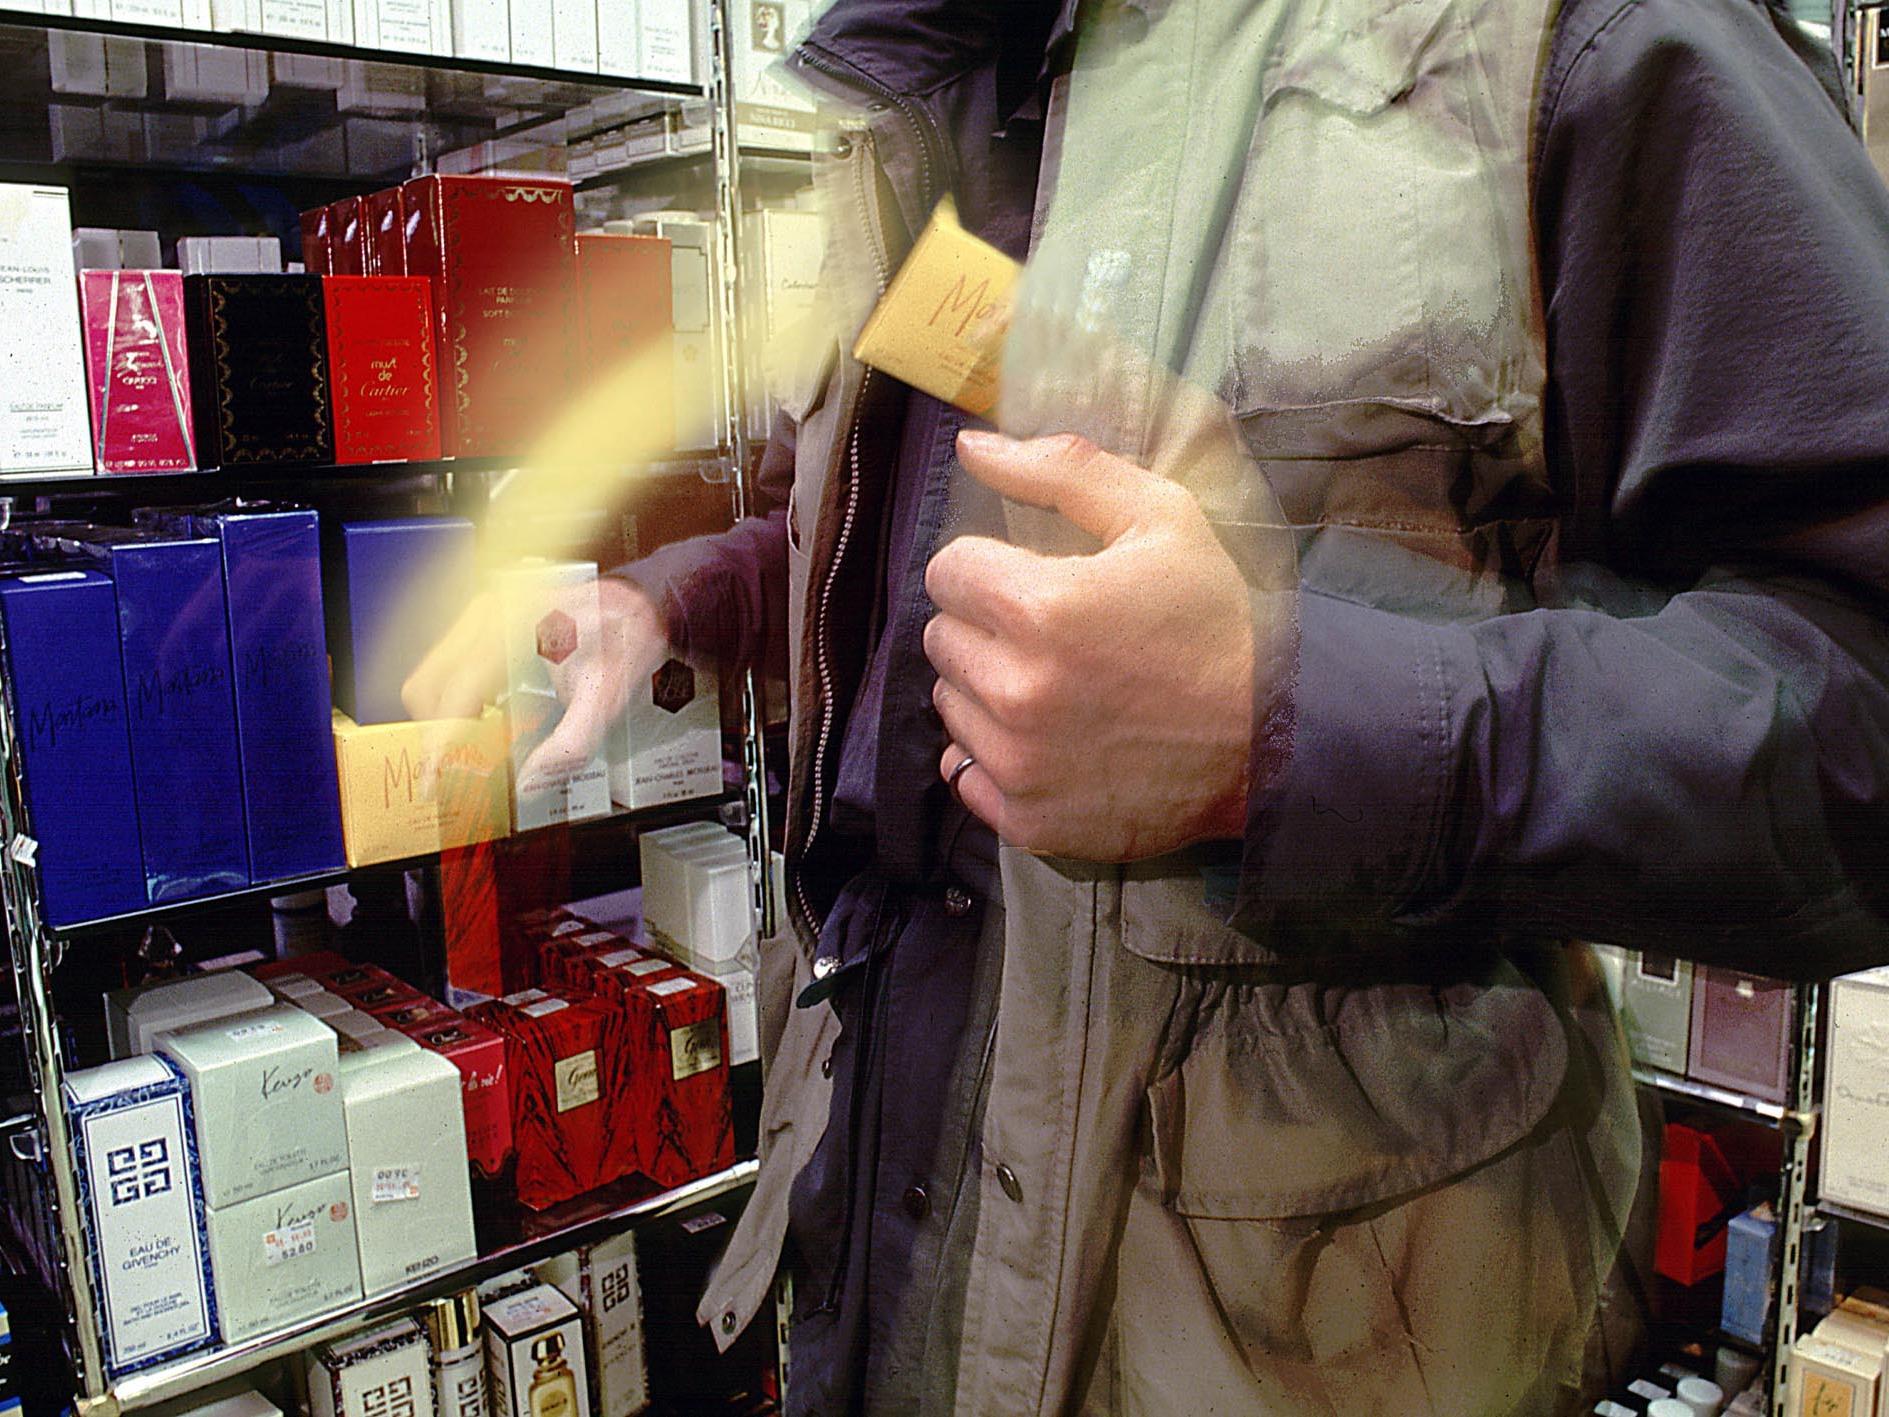 27-jähriger Drogensüchtiger hatte Einkaufstaschen voll mit gestohlenen Waren bei sich